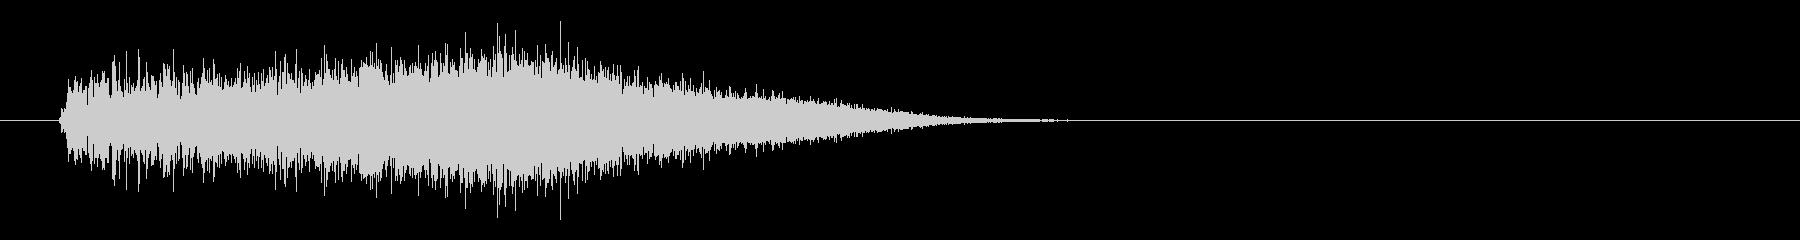 パラメーター上昇の未再生の波形